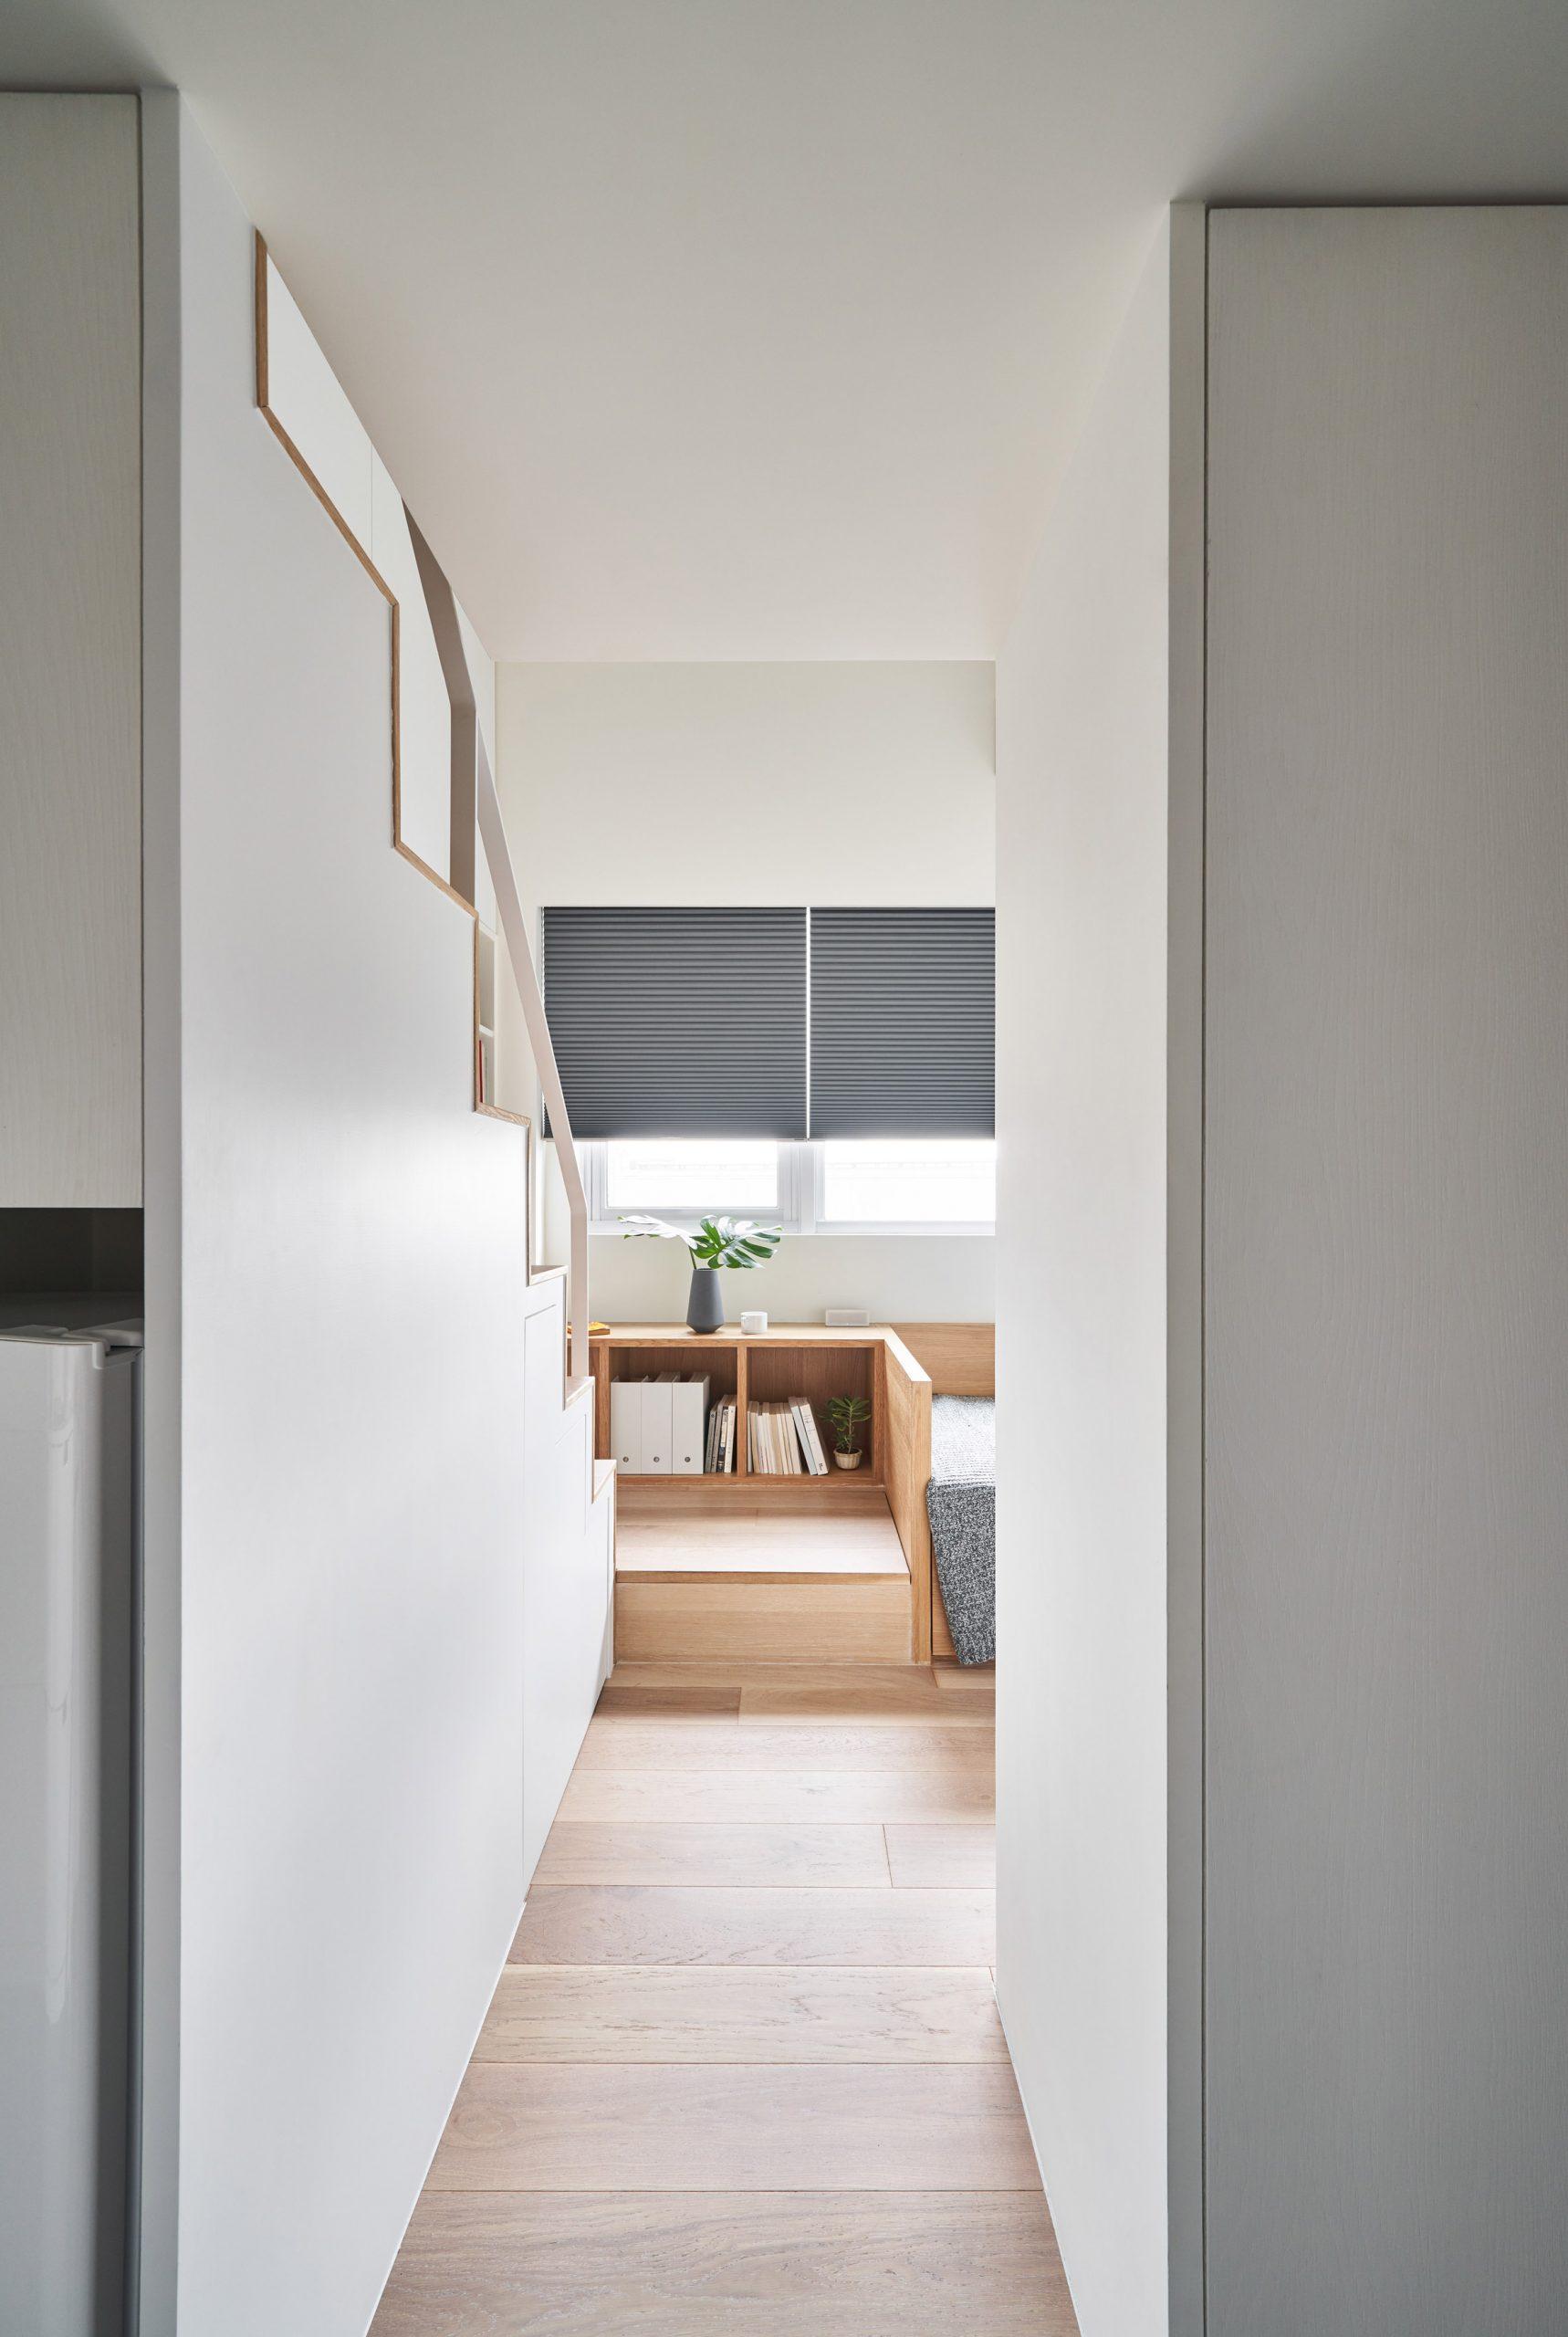 Thiết kế nội thất căn hộ 50m2 15